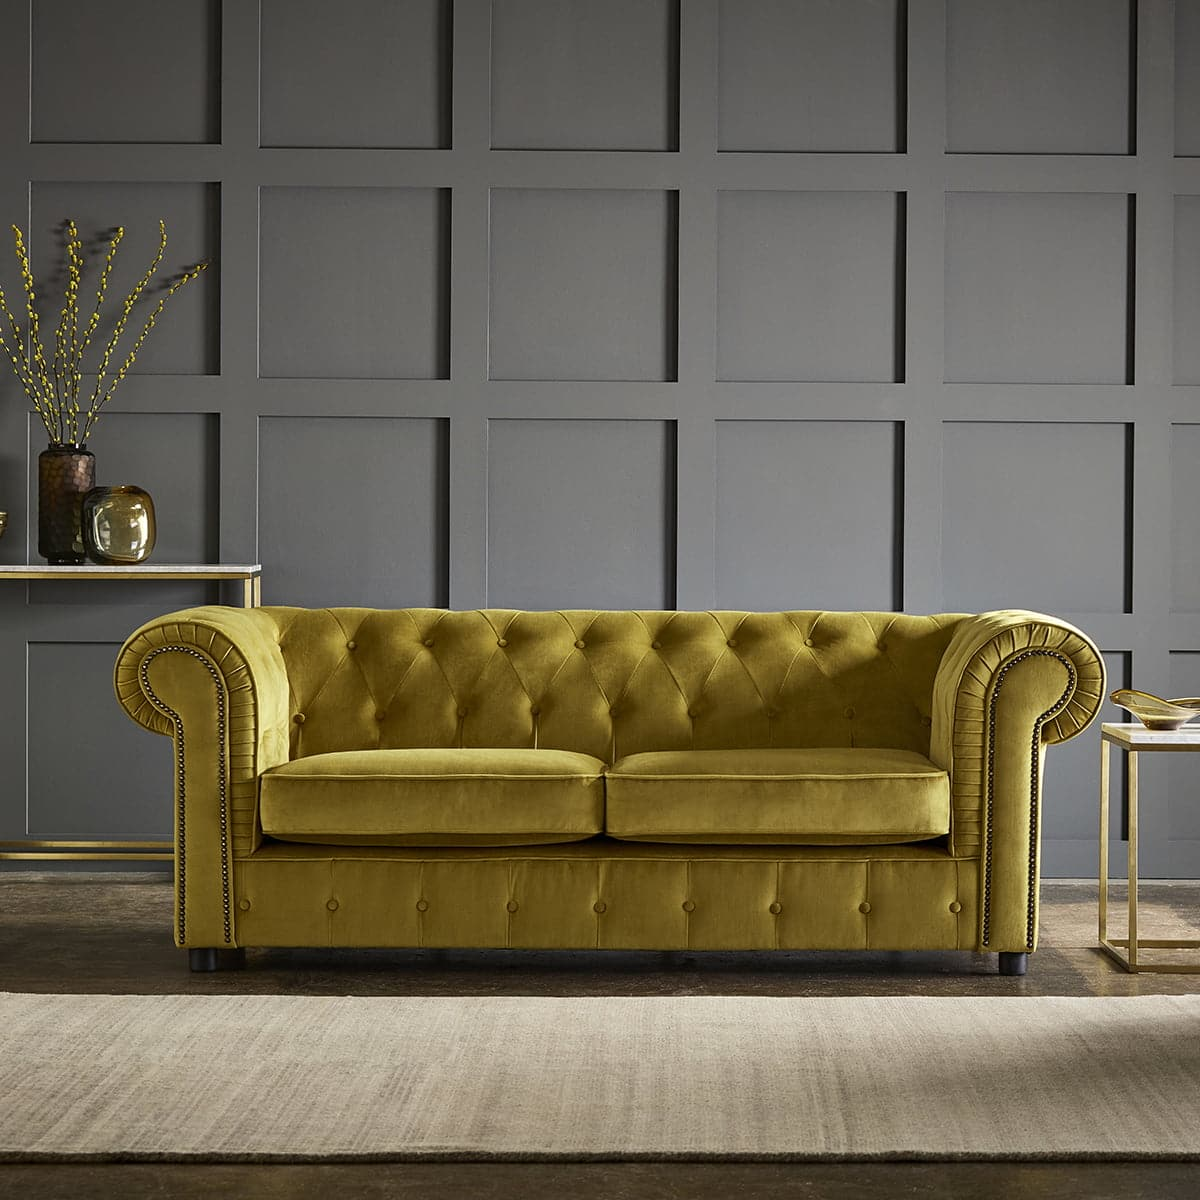 chelmsford yellow 3 seater plush velvet chesterfield sofa